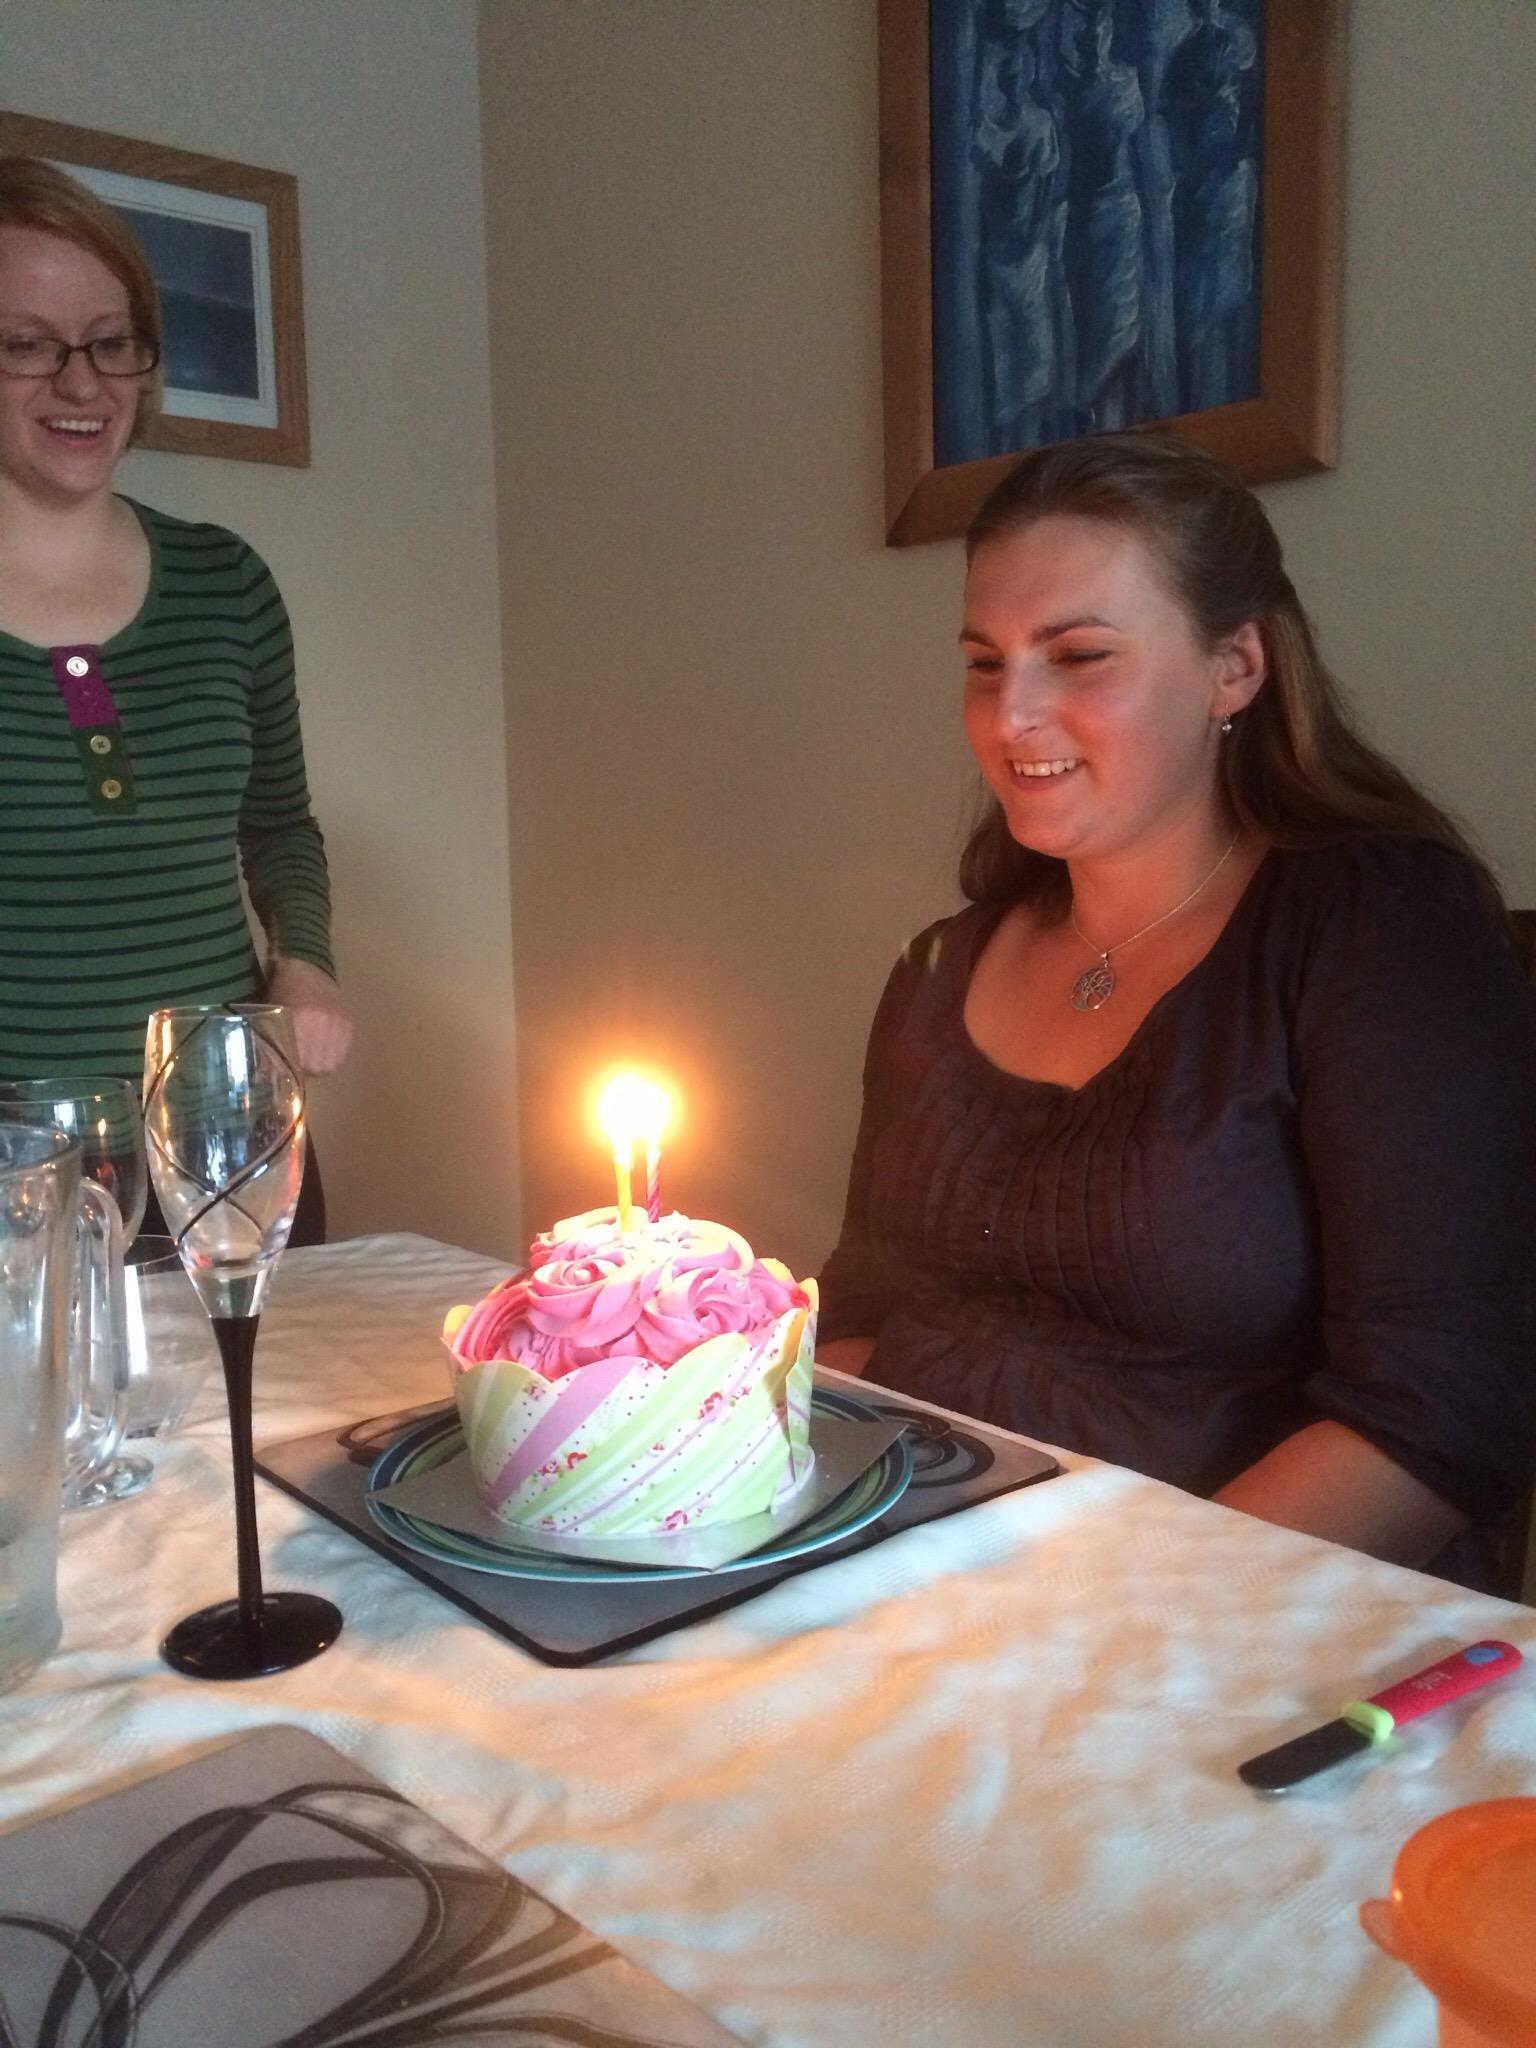 Celebrating my 30th birthday!